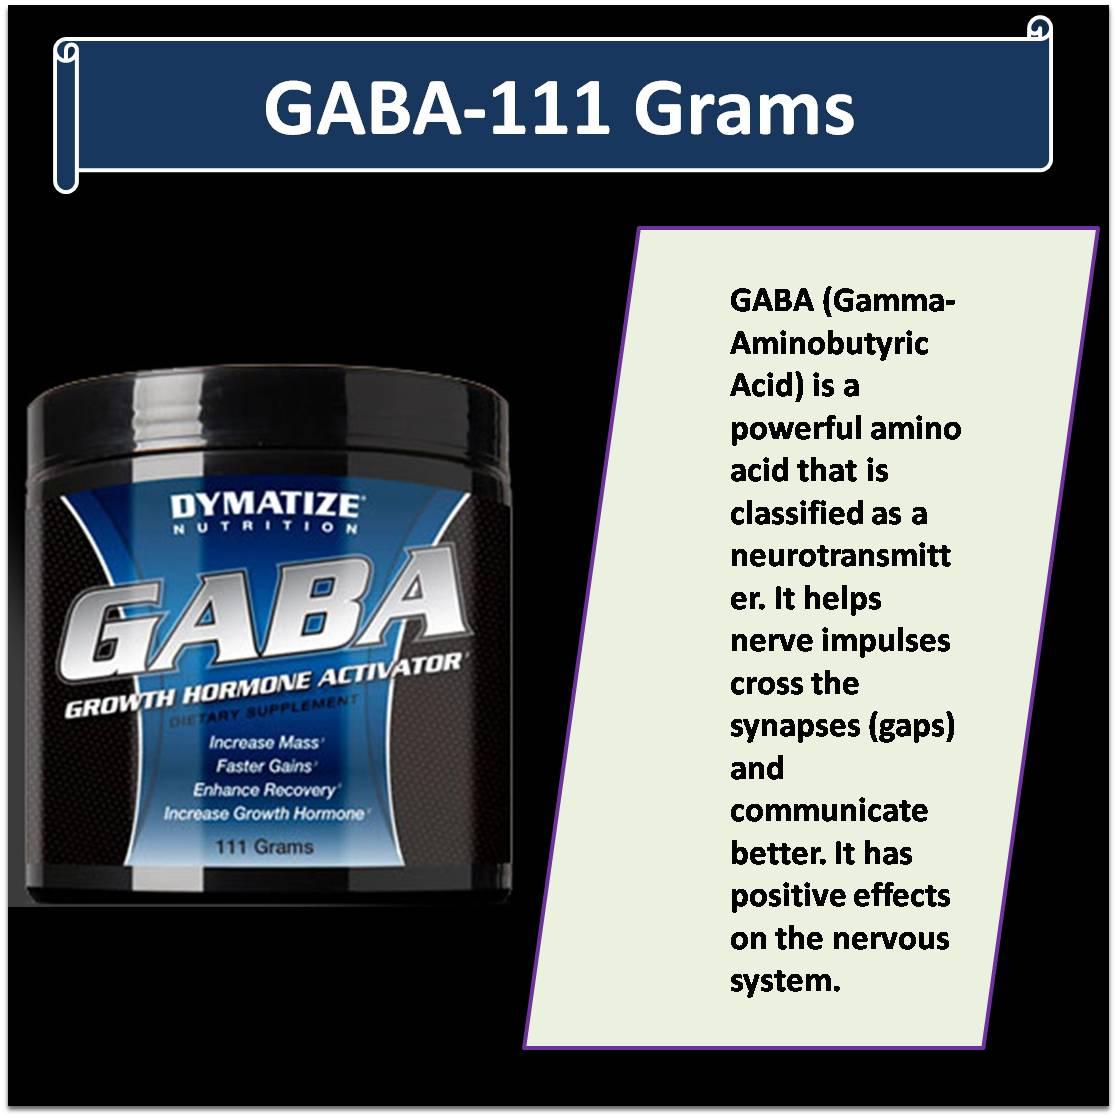 GABA-111 Grams